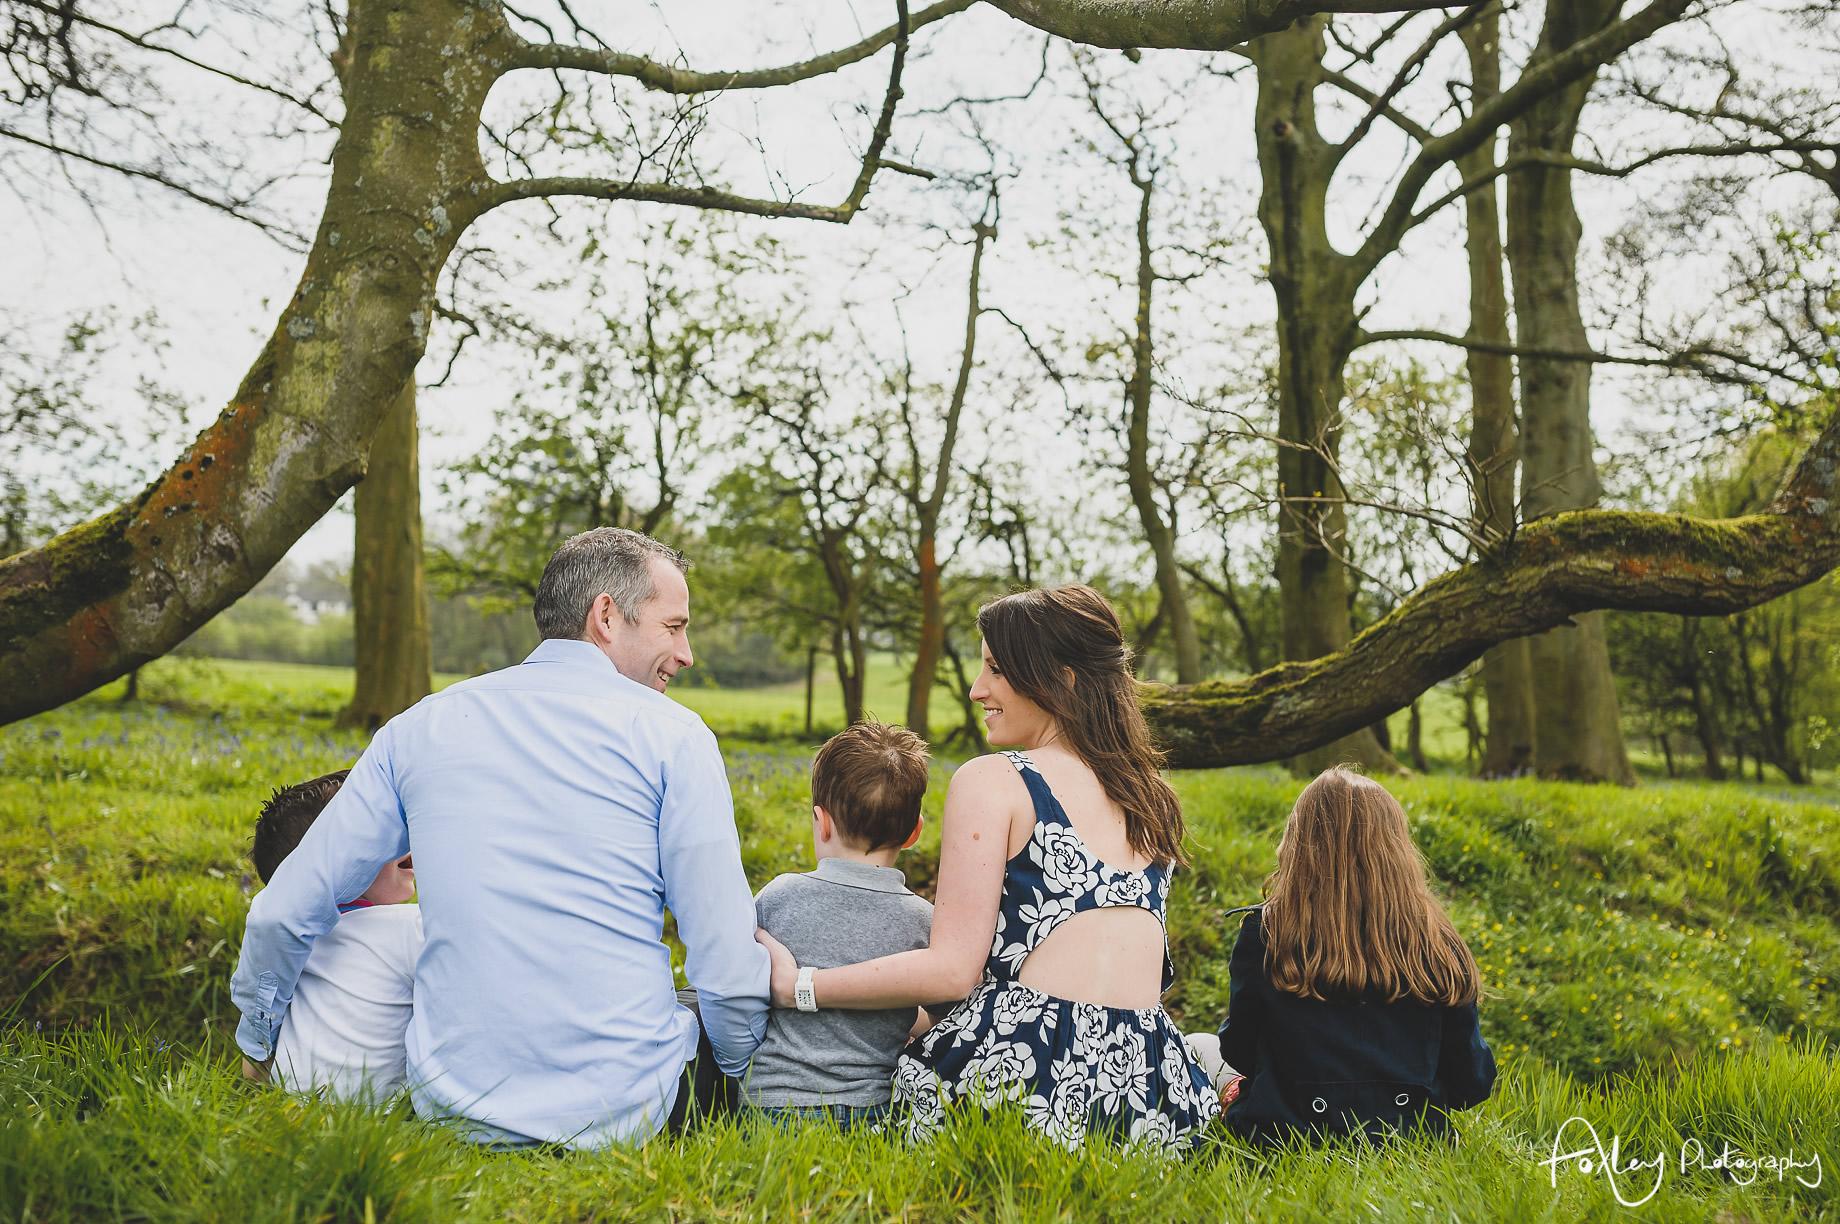 Parbold Family Portrait Shoot 020